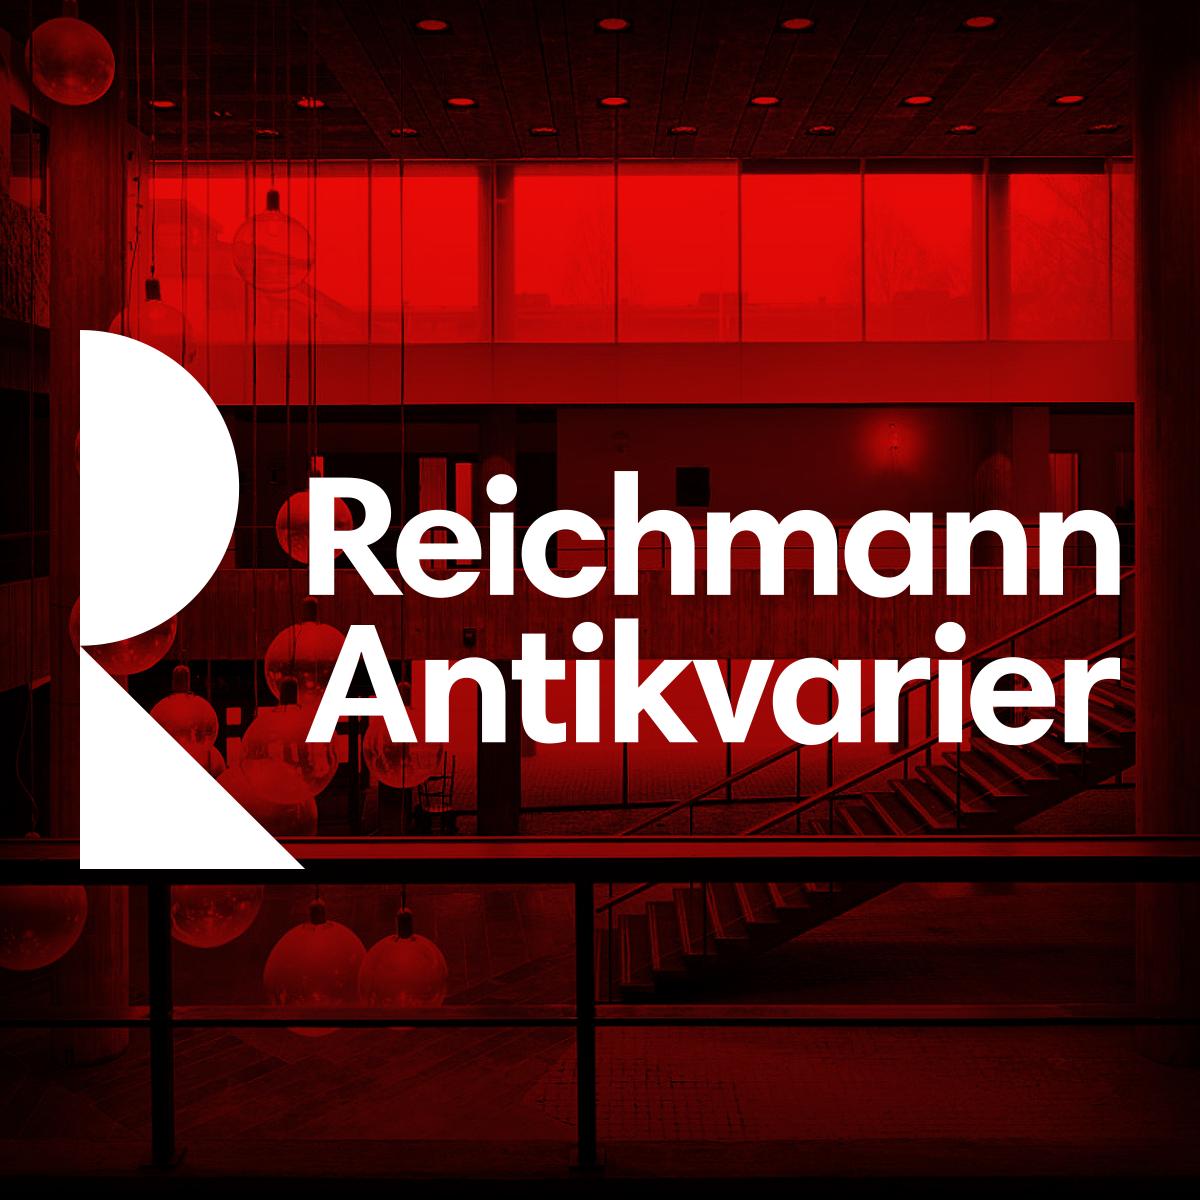 Reichmann Antikvarier logotype